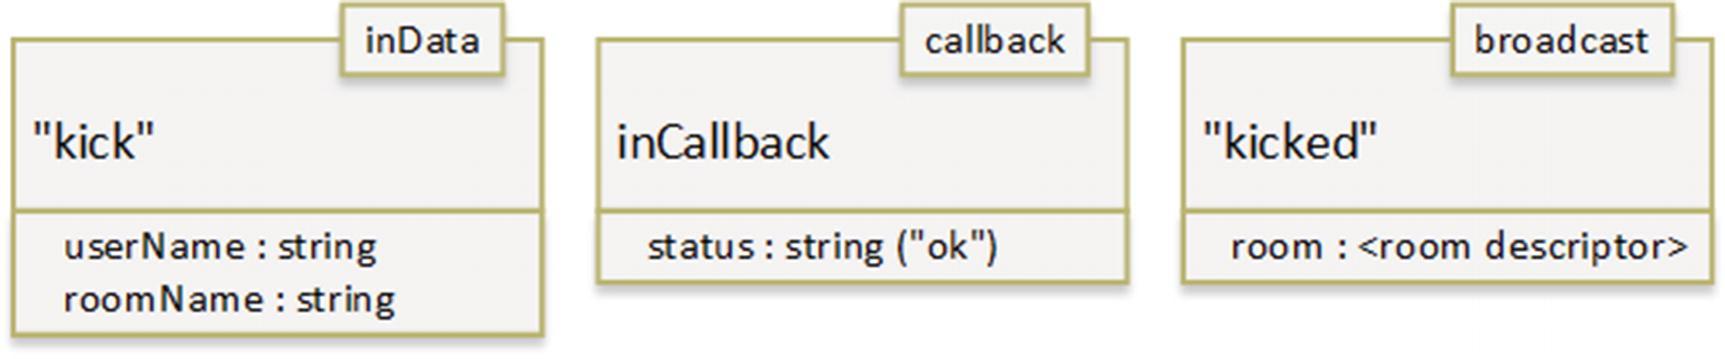 FlutterChat, Part I: The Server | SpringerLink